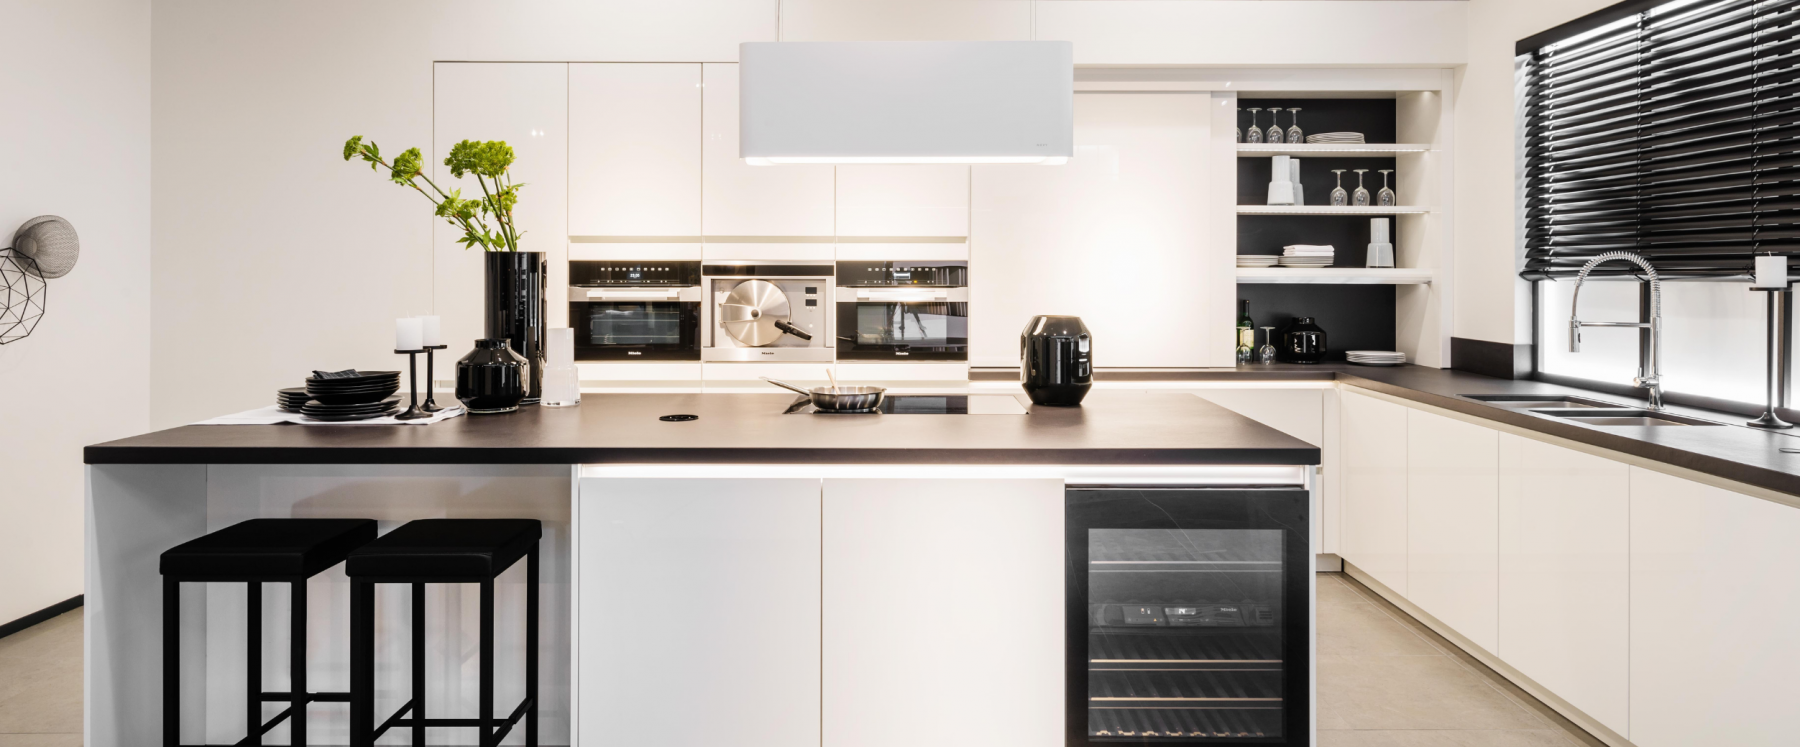 Zwart-wit keuken in modern, klassieke stijl